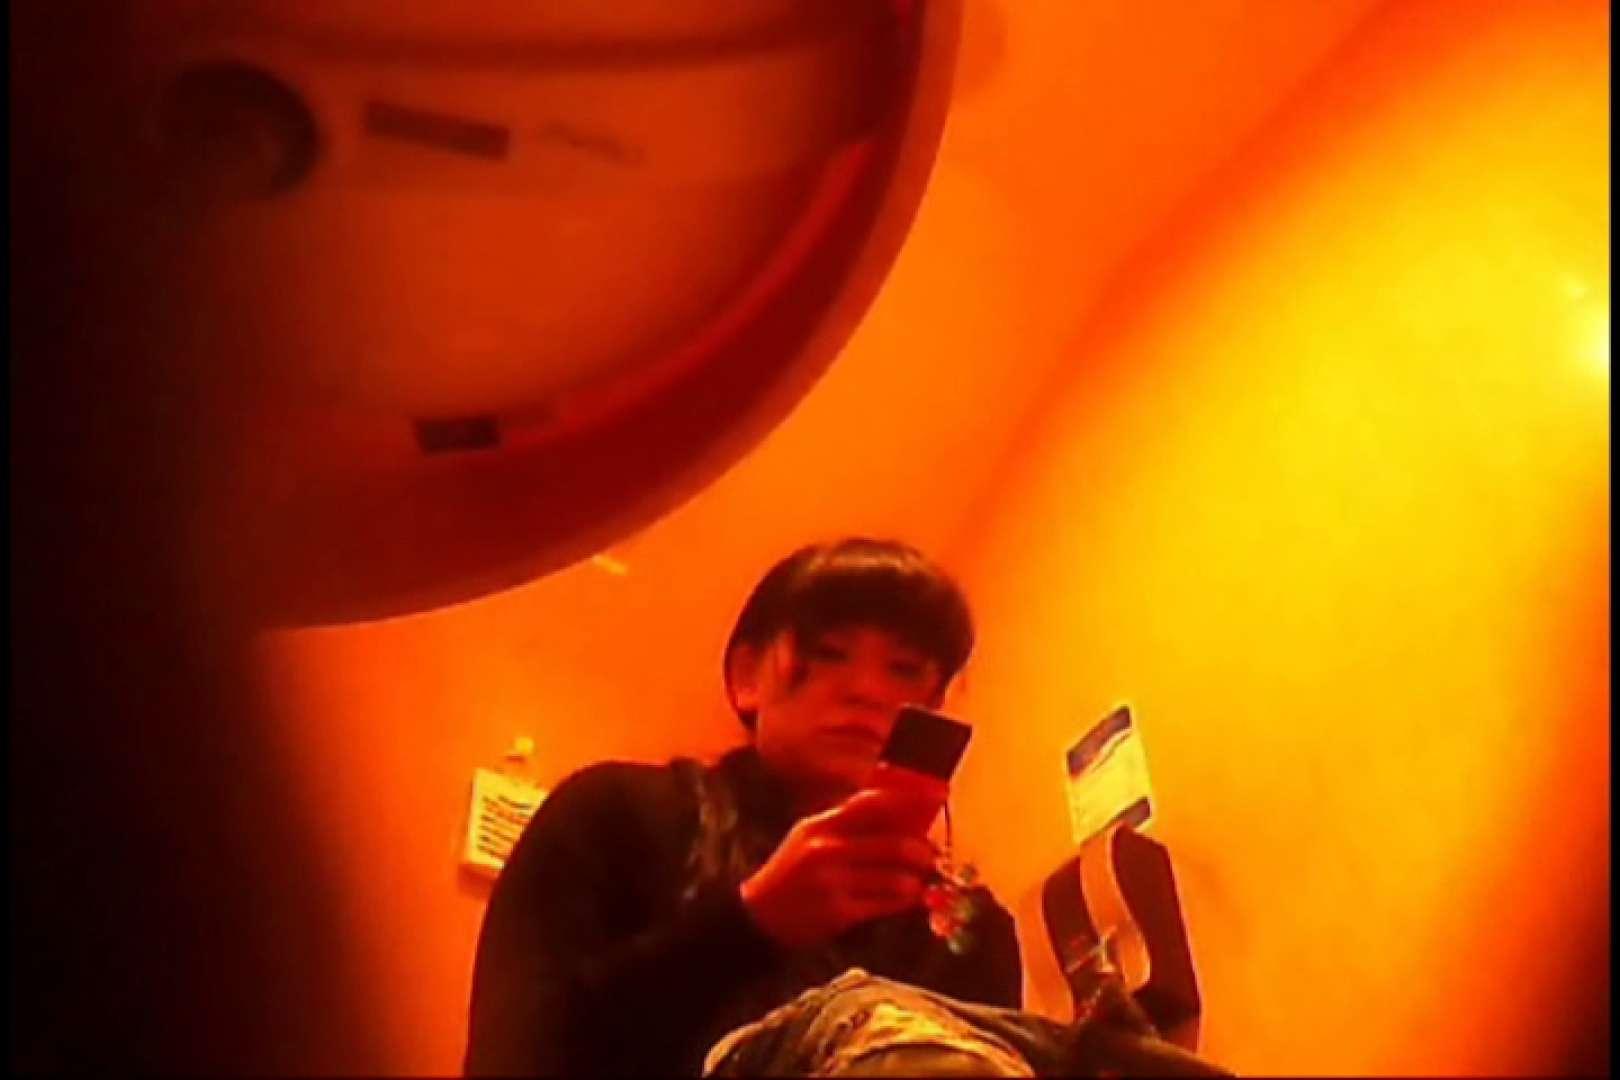 潜入!!女子化粧室盗撮~絶対見られたくない時間~vo,69 潜入 AV動画キャプチャ 58連発 35